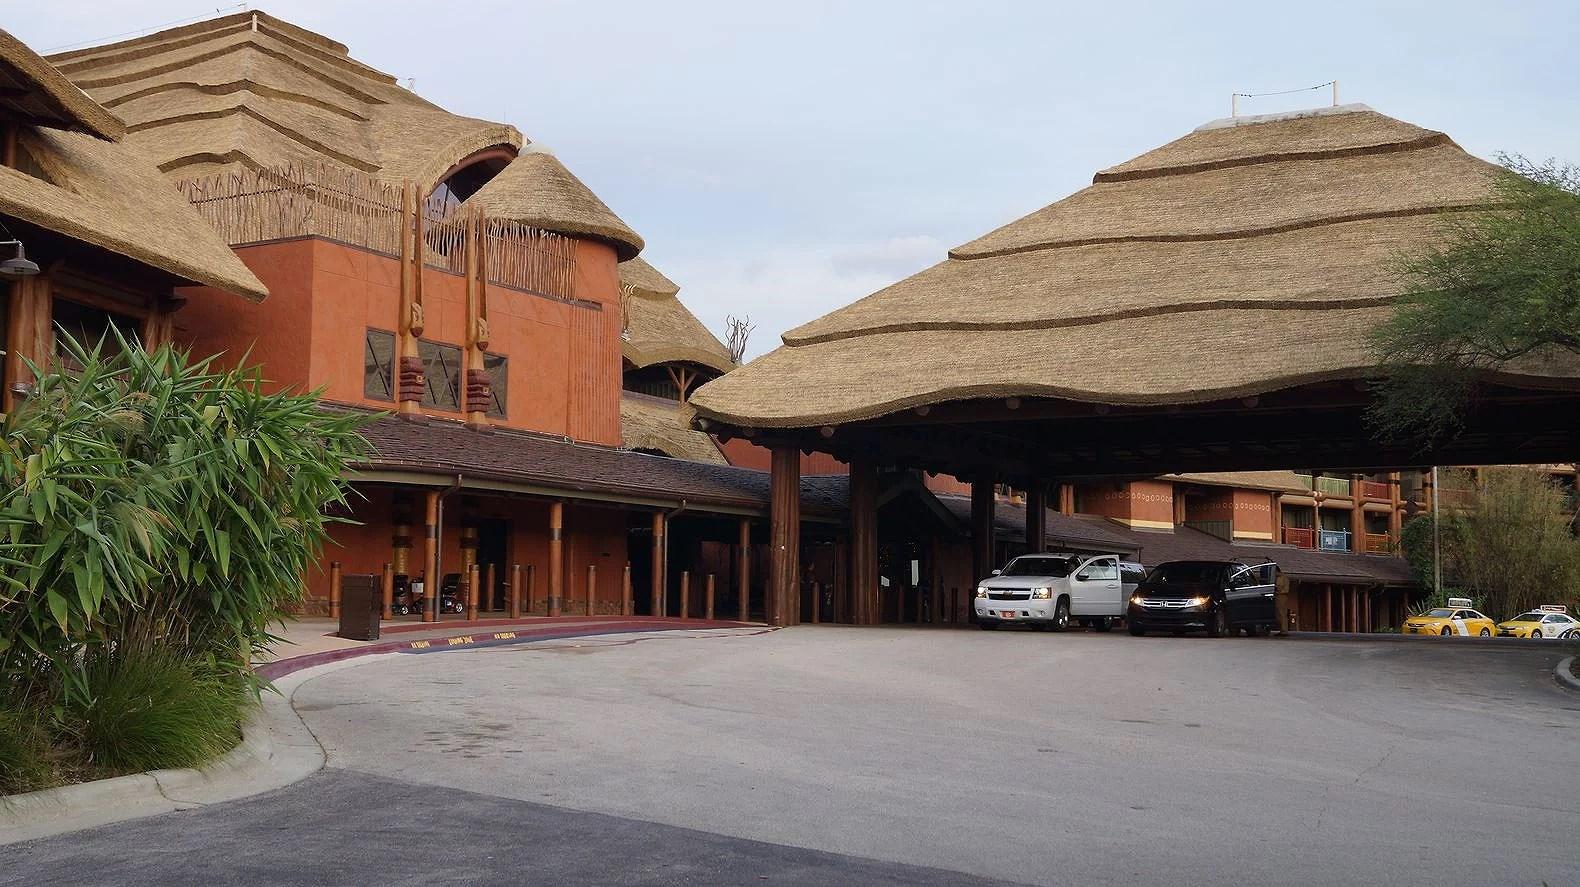 Walt Disney World börjar att ta betalt för parkering för sina hotellgäster